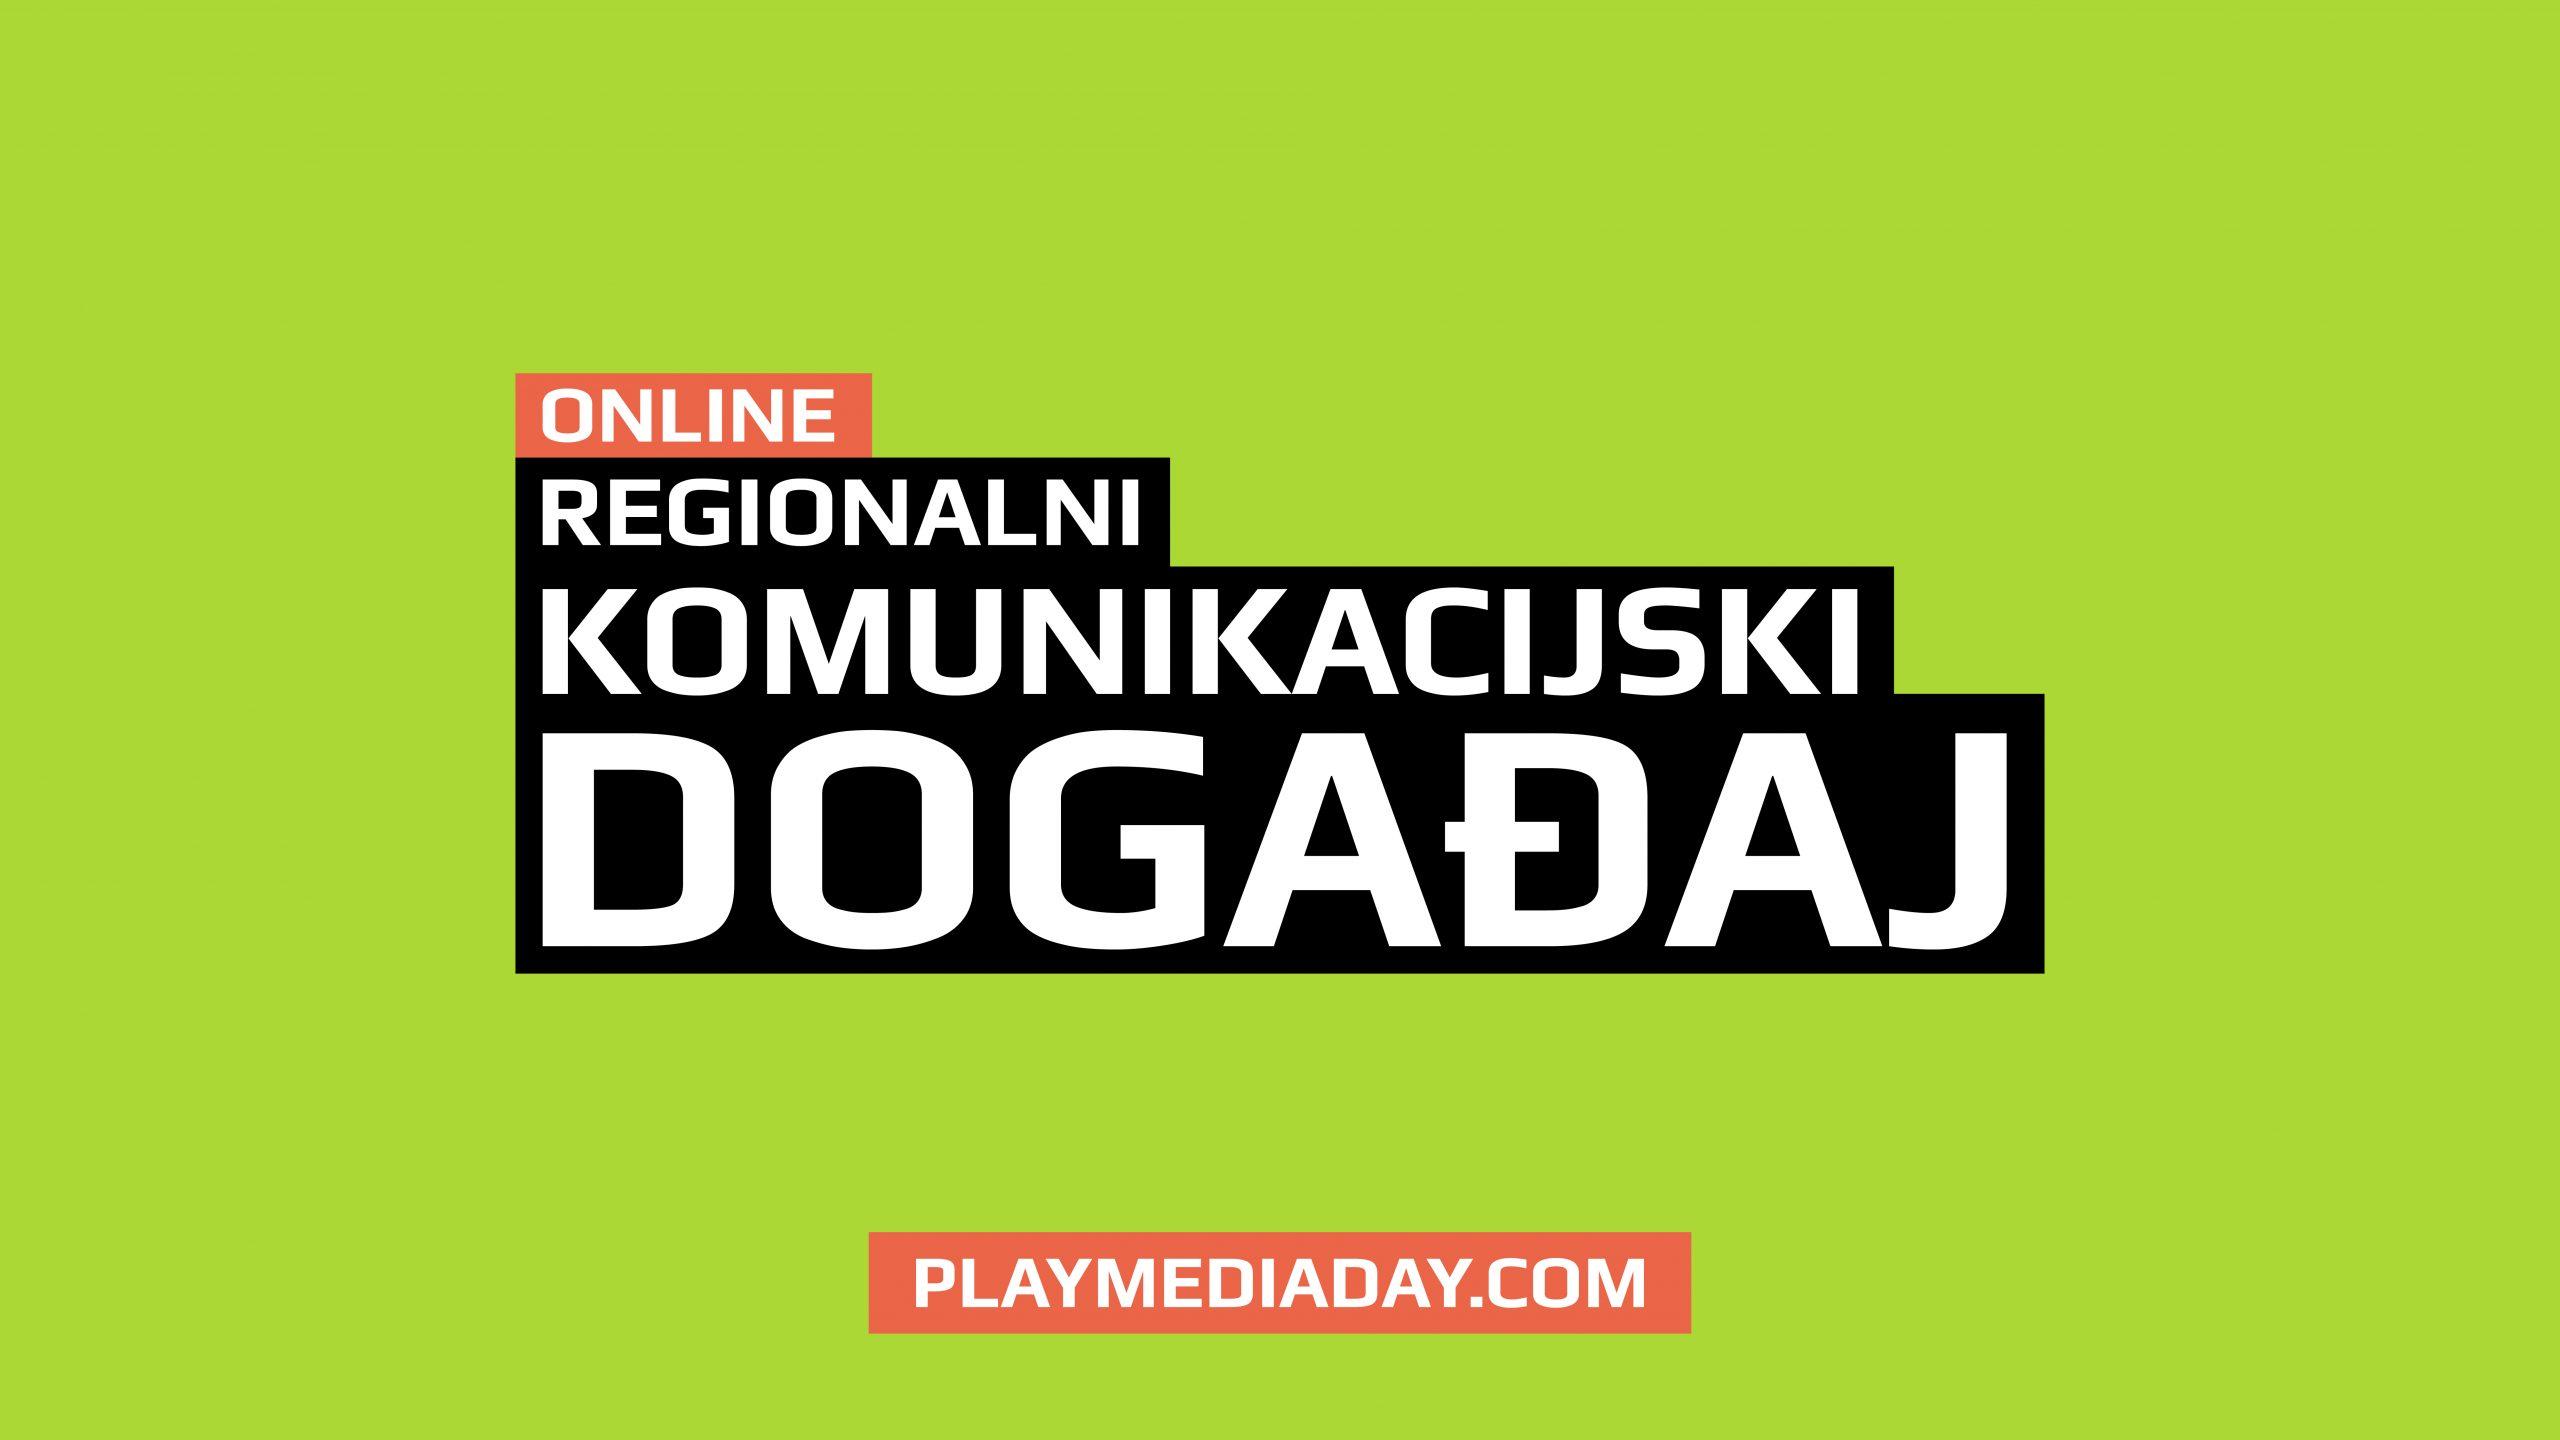 Regionalni komunikacijski događaj dobija novi inovativan format: Ovogodišnji Play Media Day 05 će biti održan online